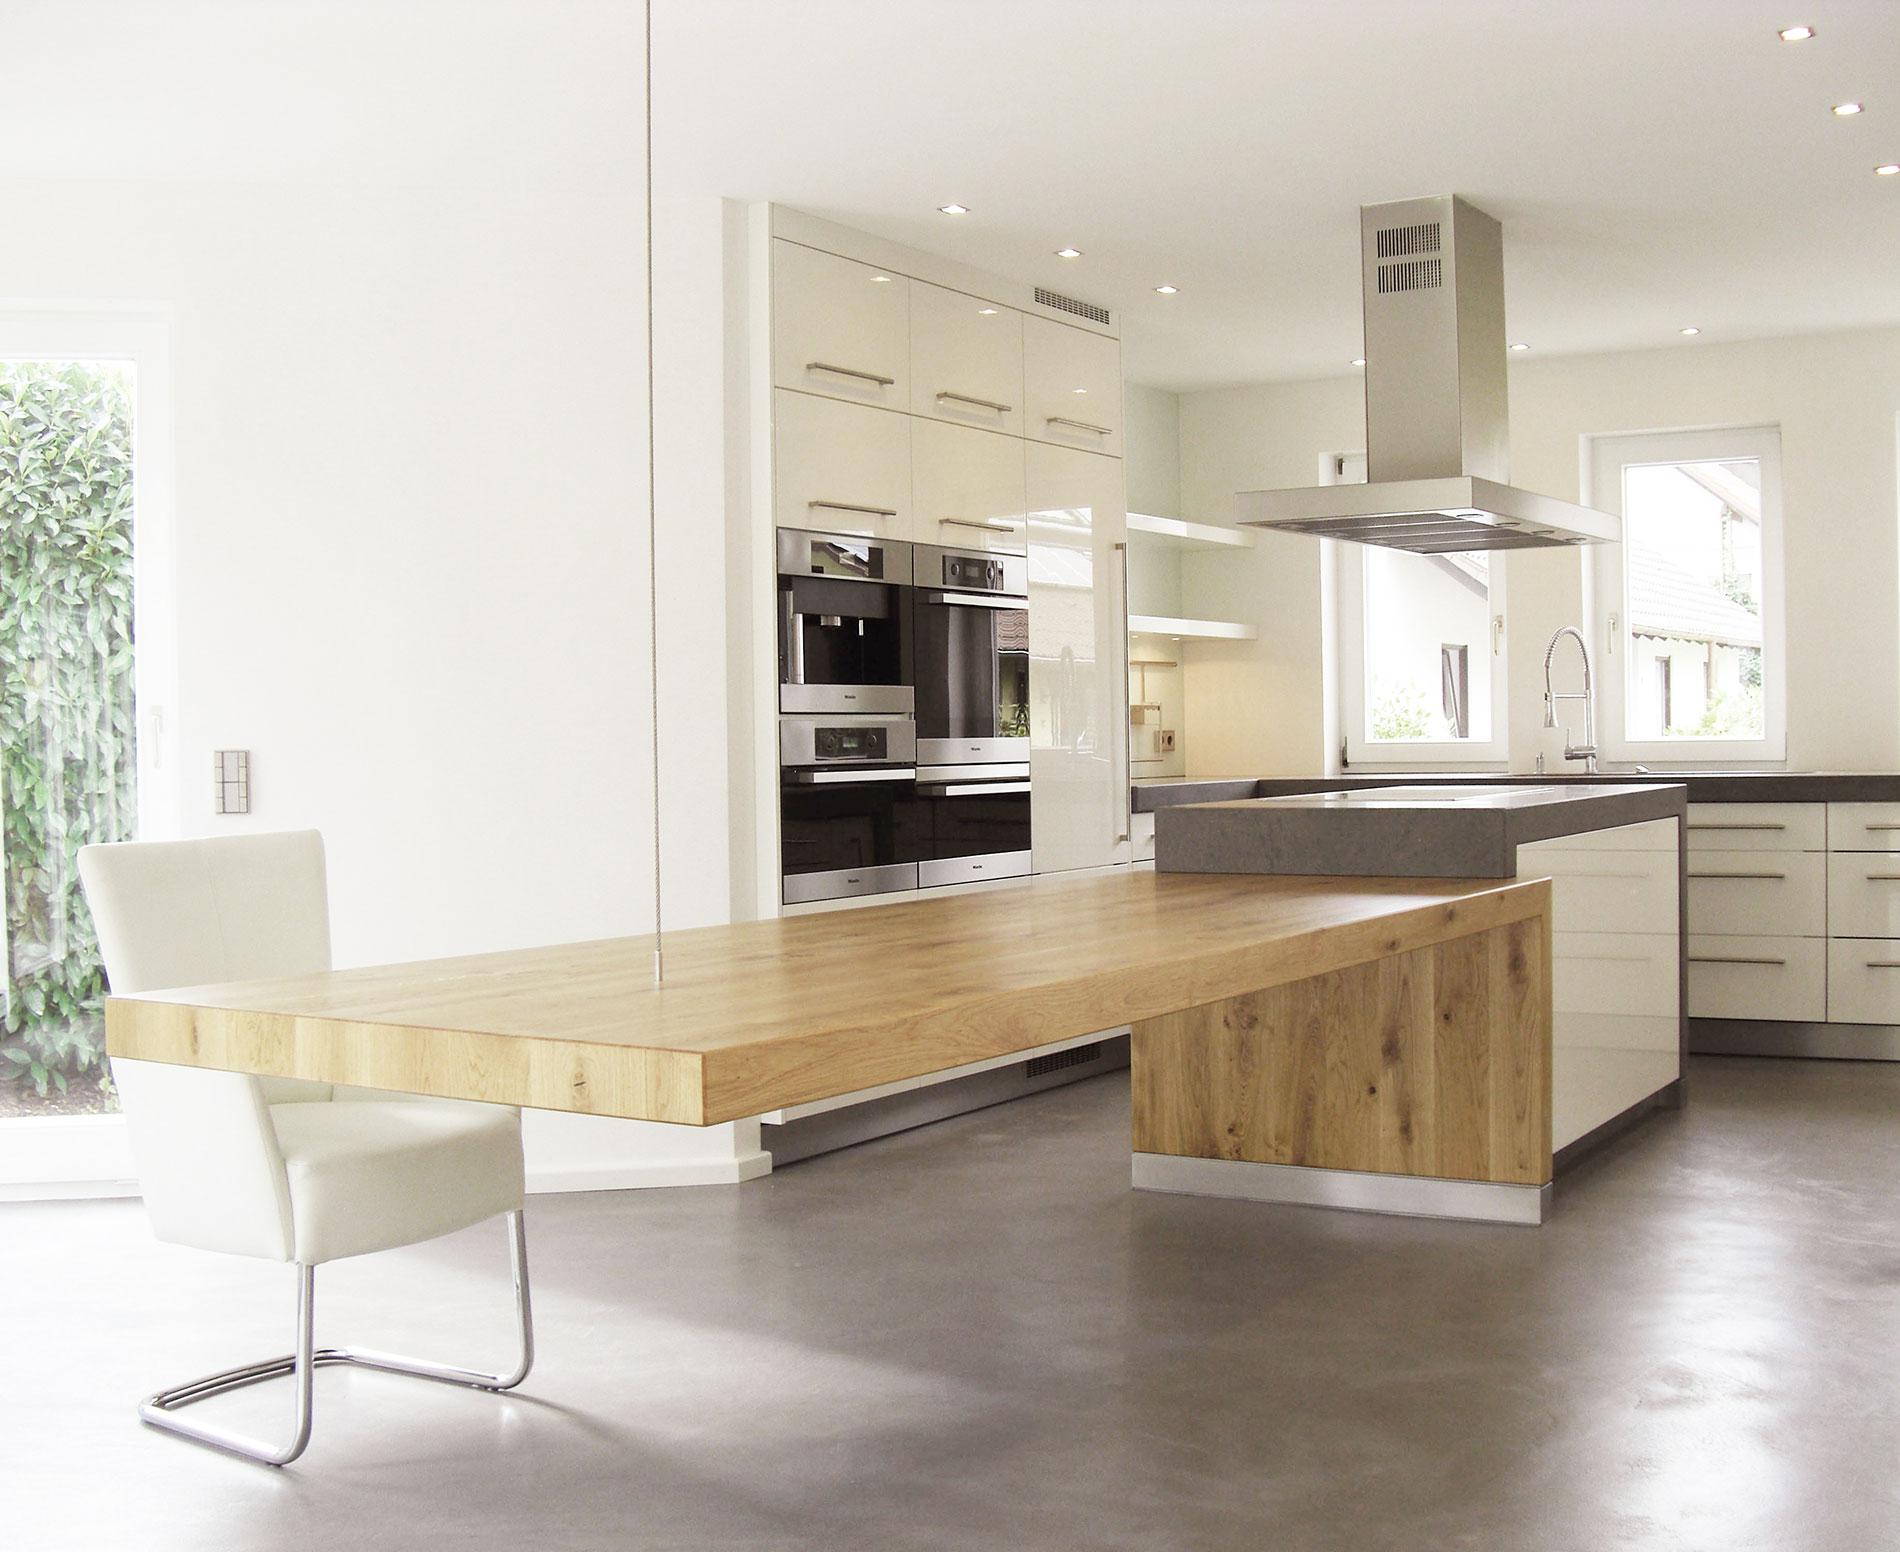 k che 02 exklusive inneneinrichtungen und designm bel. Black Bedroom Furniture Sets. Home Design Ideas